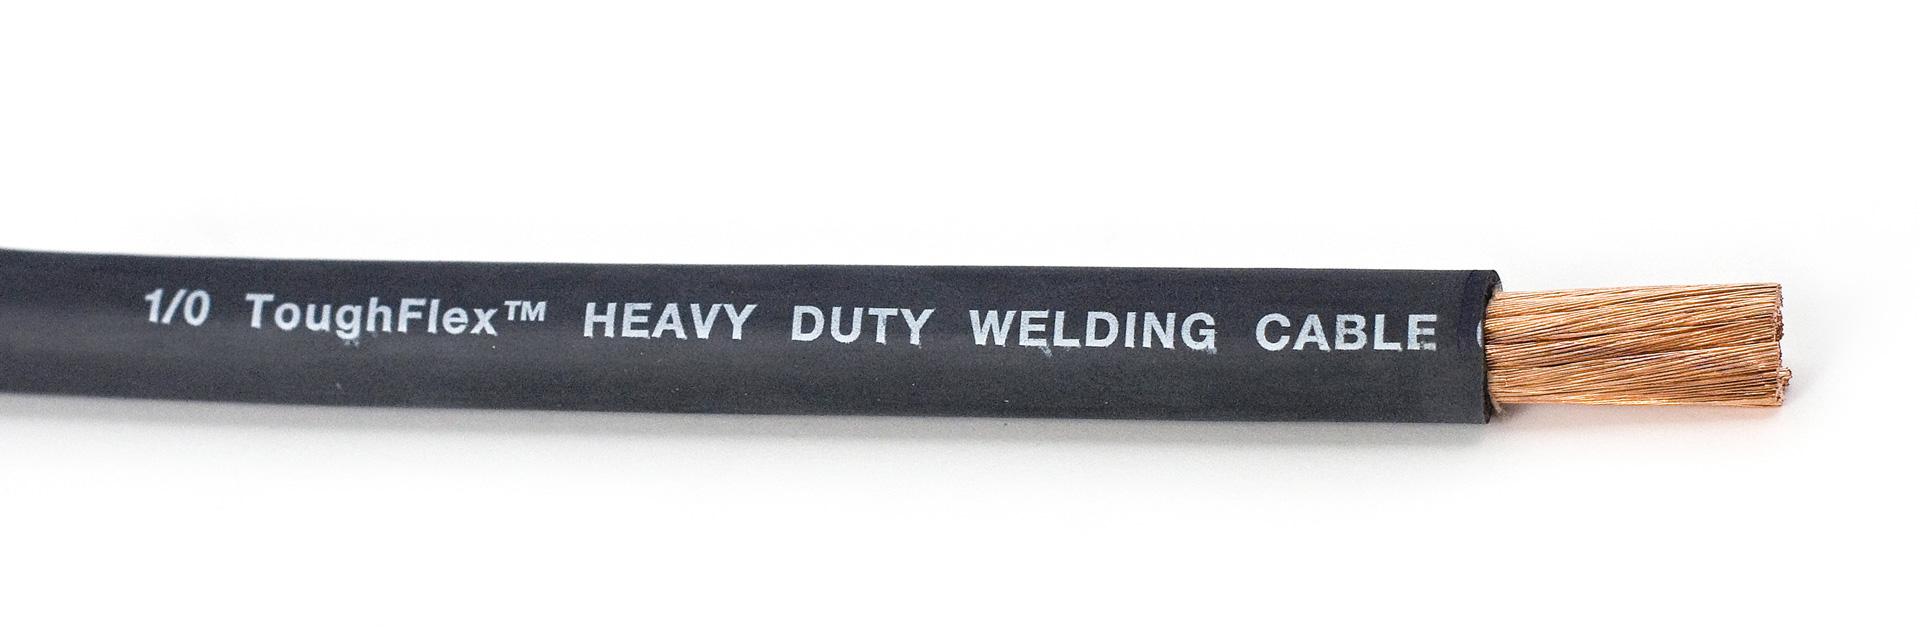 TOUGHFLEX™ WELDING CABLE - Kalas Wire